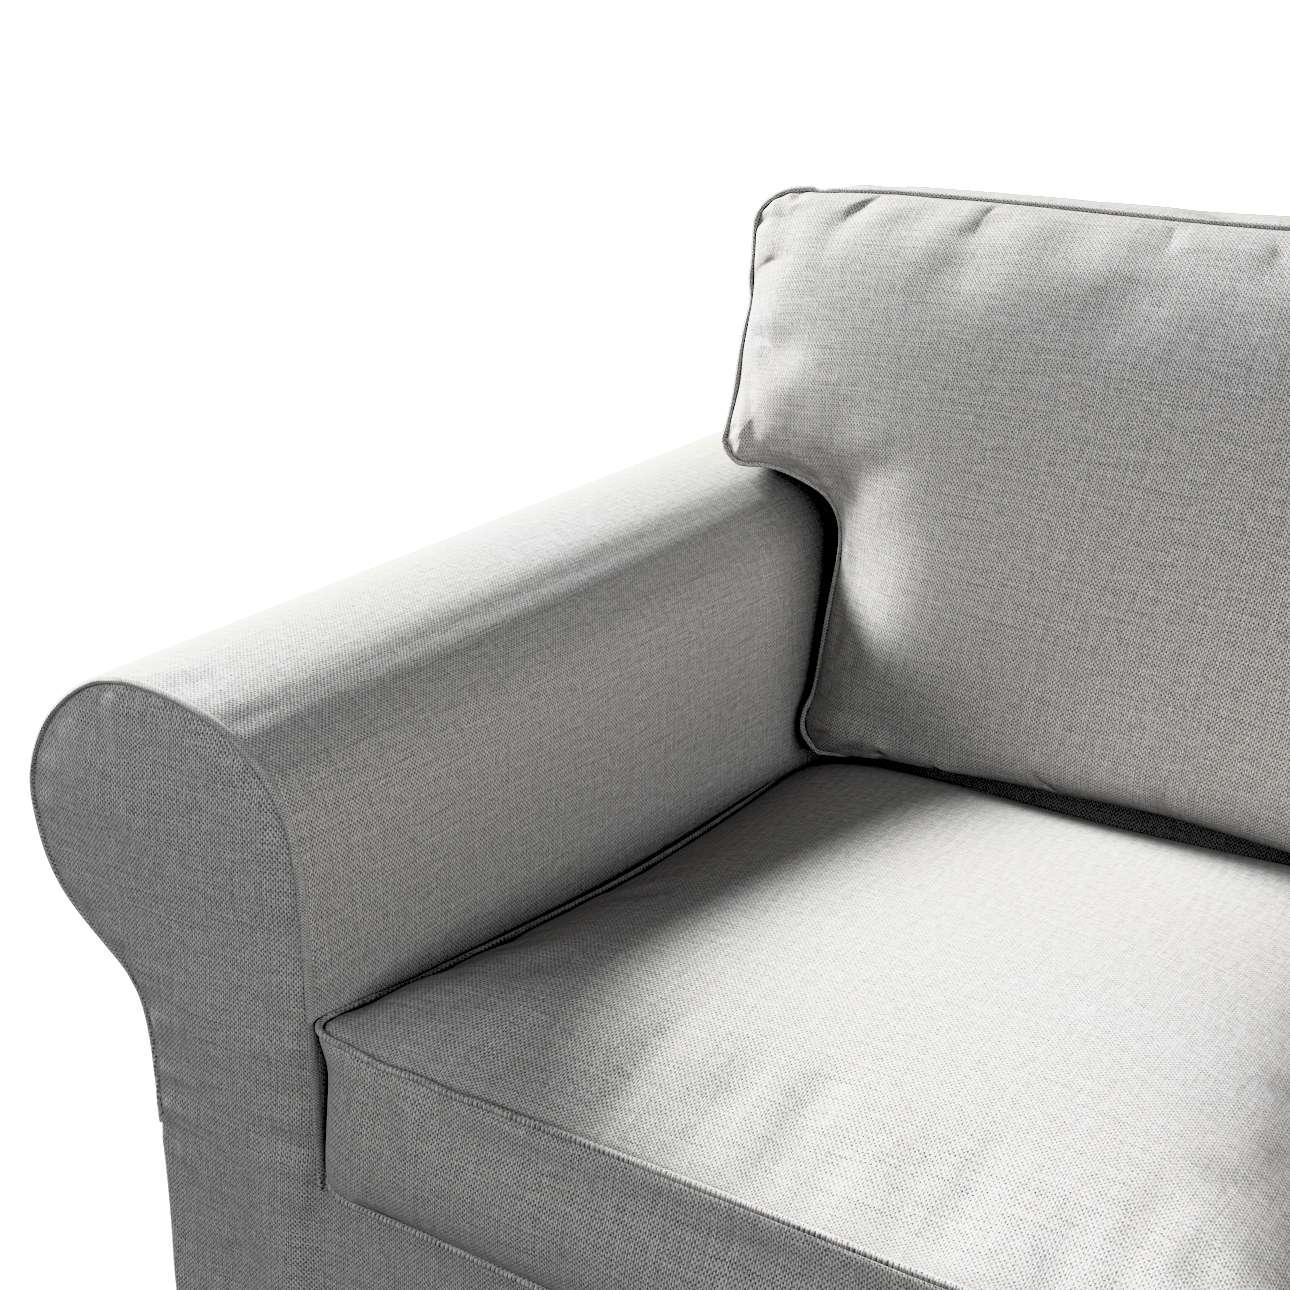 Pokrowiec na sofę Ektorp 2-osobową, rozkładaną, model do 2012 w kolekcji Living II, tkanina: 160-89